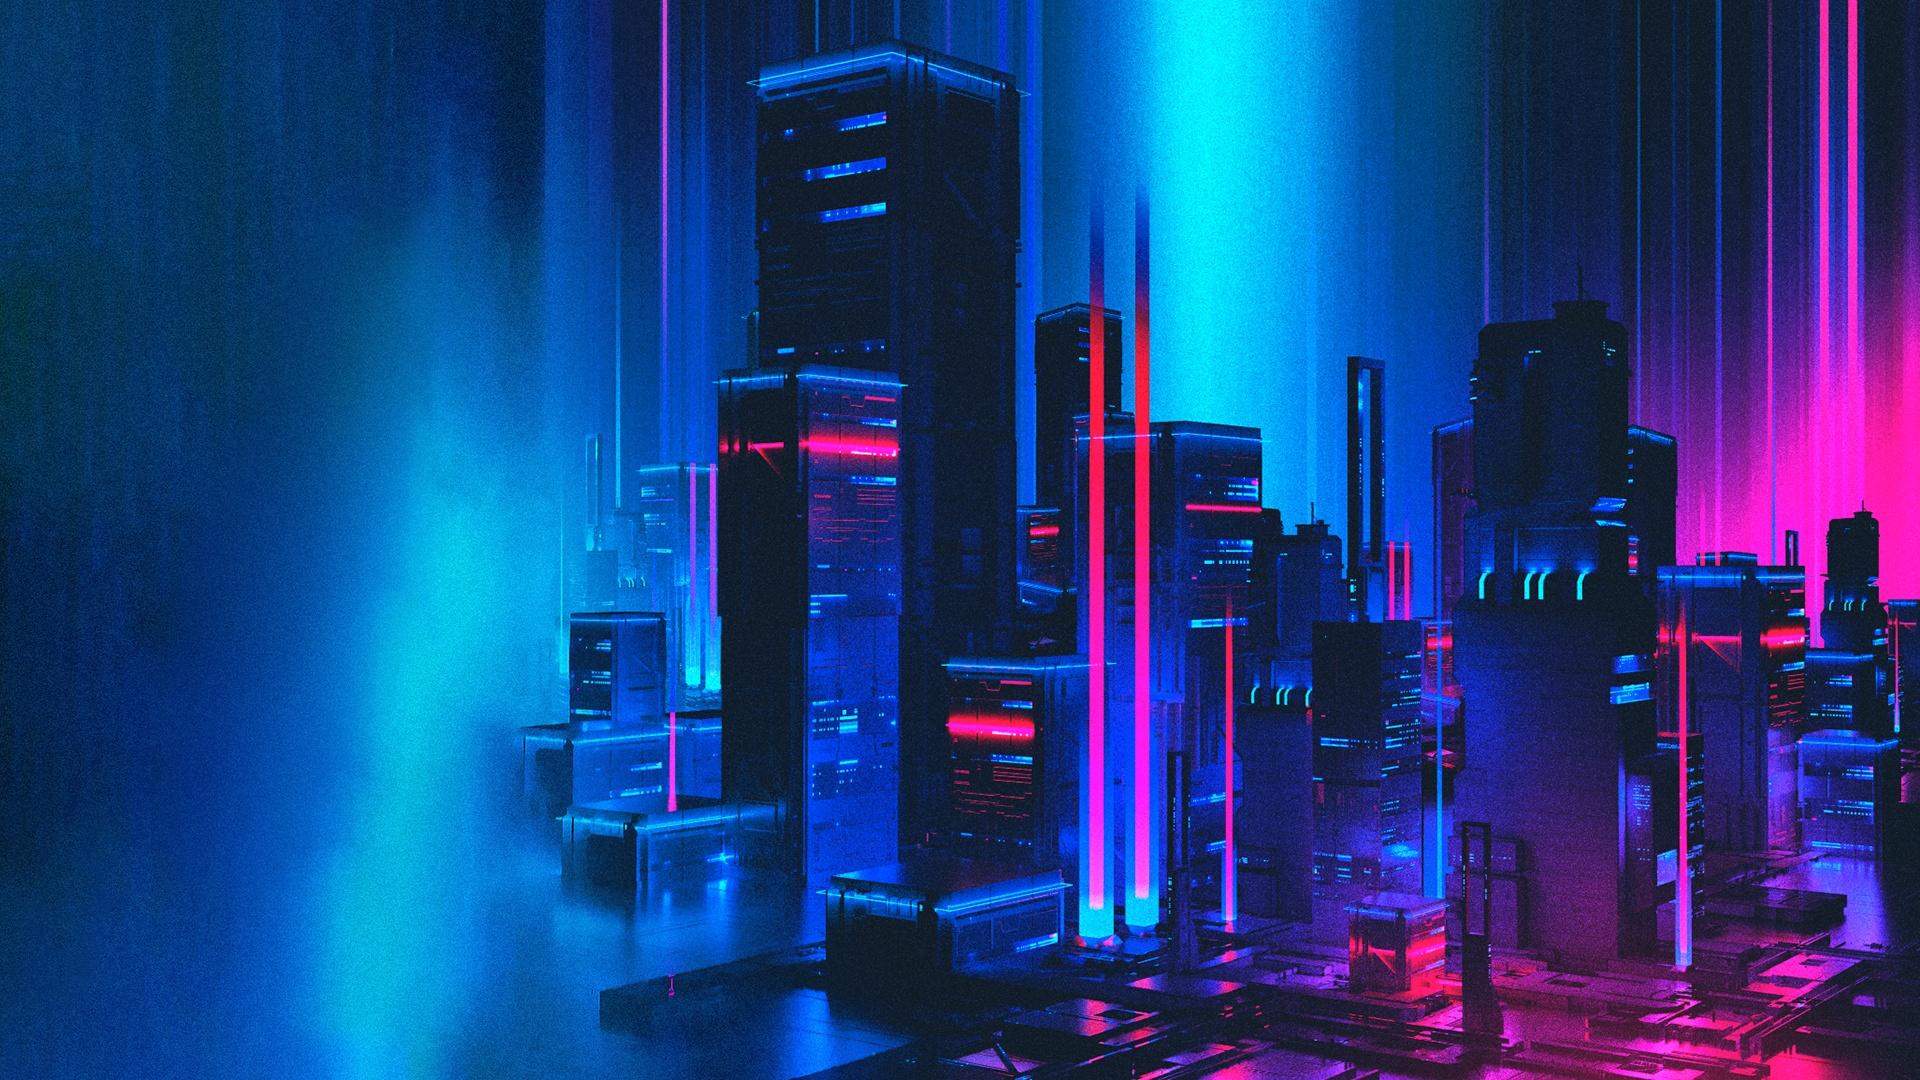 Neon computer wallpaper